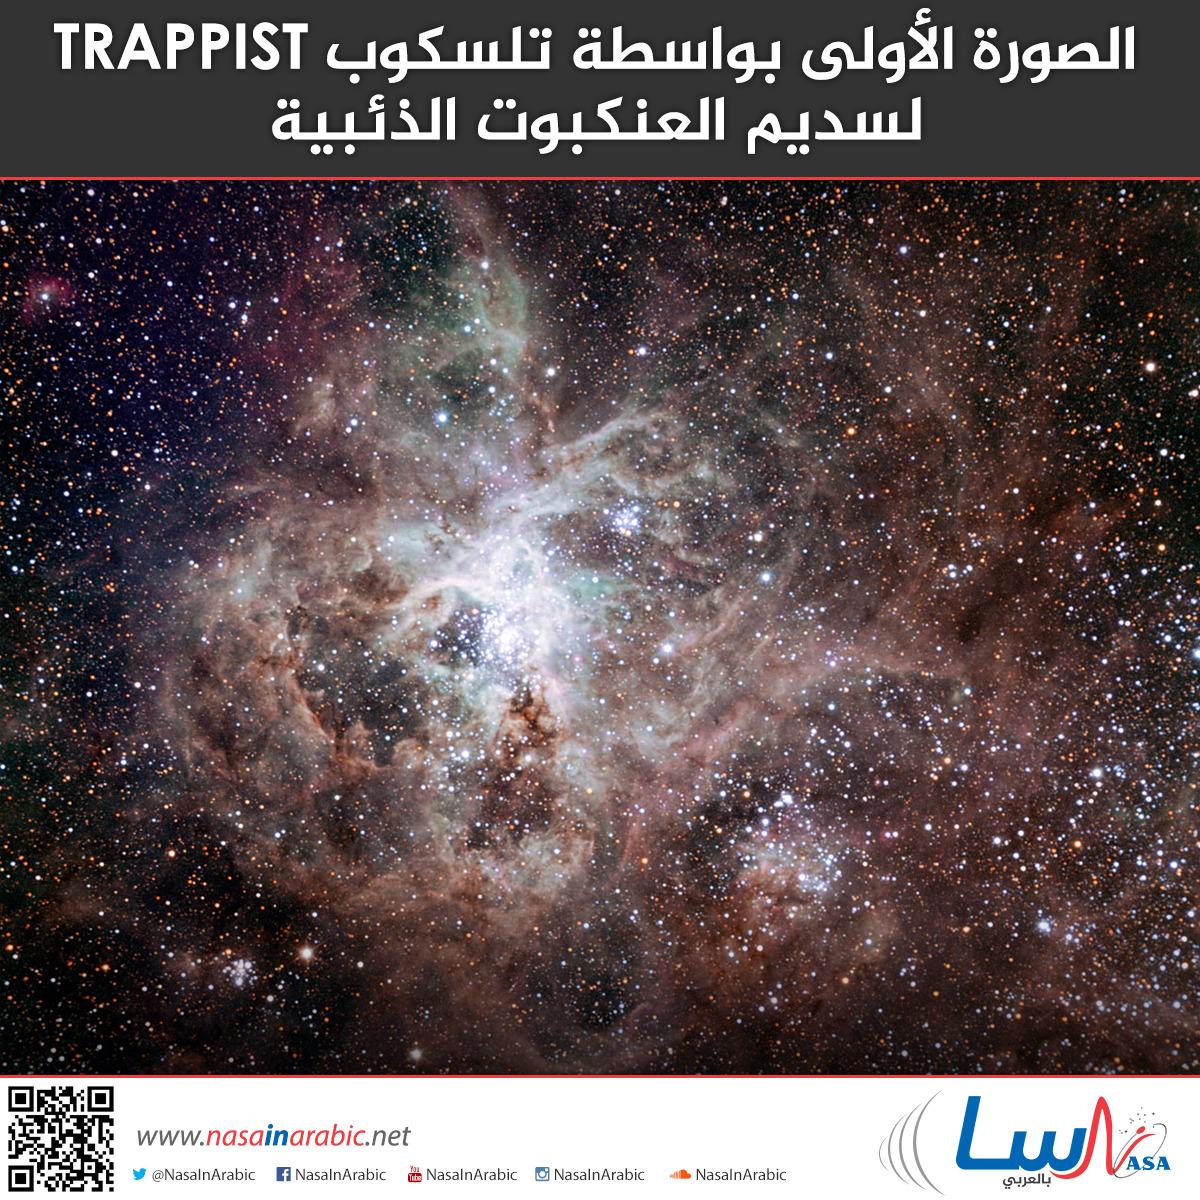 الصورة الأولى بواسطة تلسكوب TRAPPIST لسديم العنكبوت الذئبية